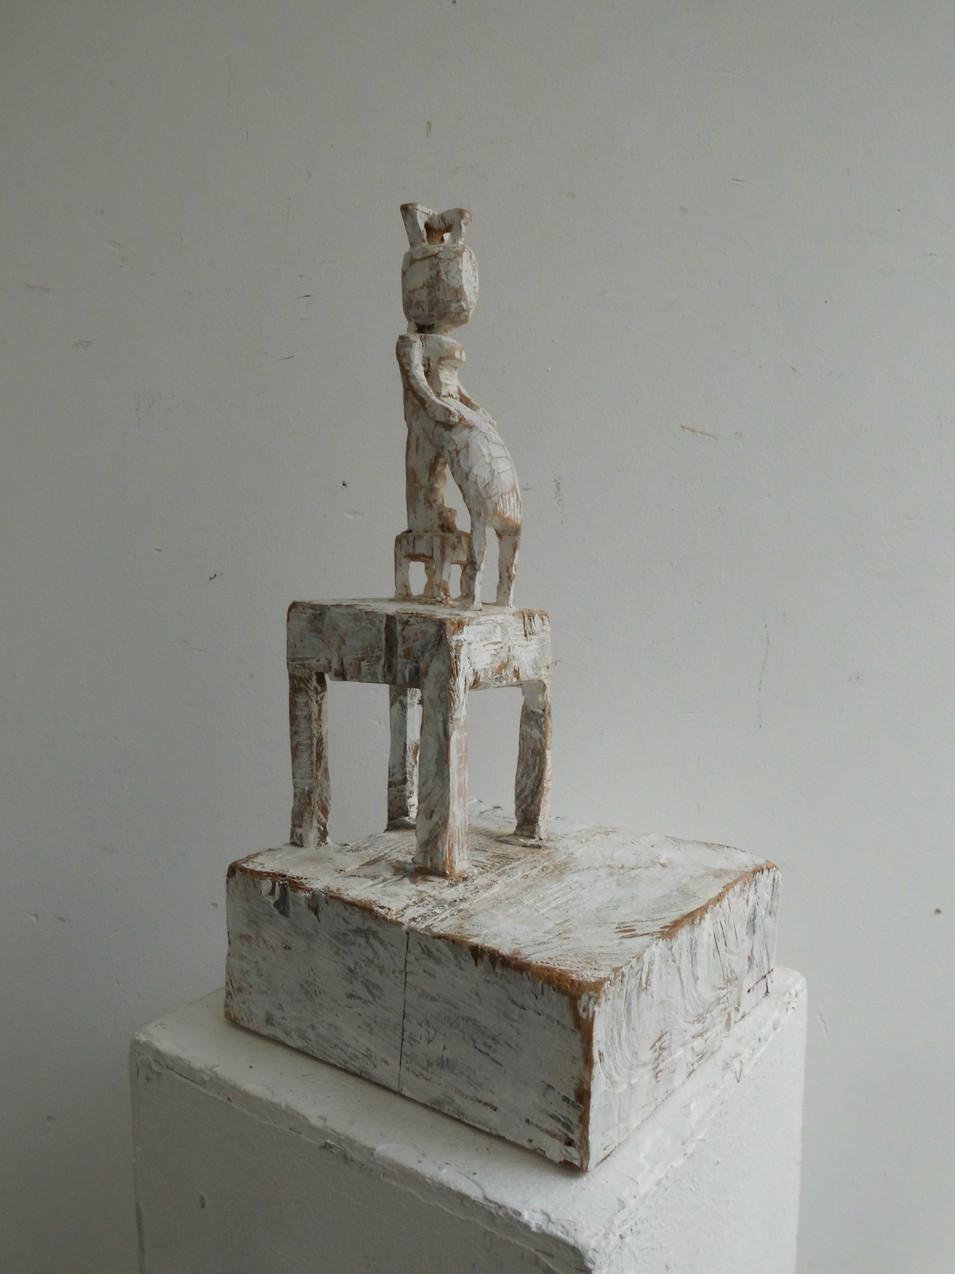 Klaus Hack | Sitzende Figur auf Sockel | 2007 | Holz | weiß gefasst | 39,5 x 20 x 19,5 cm | 2200 Euro